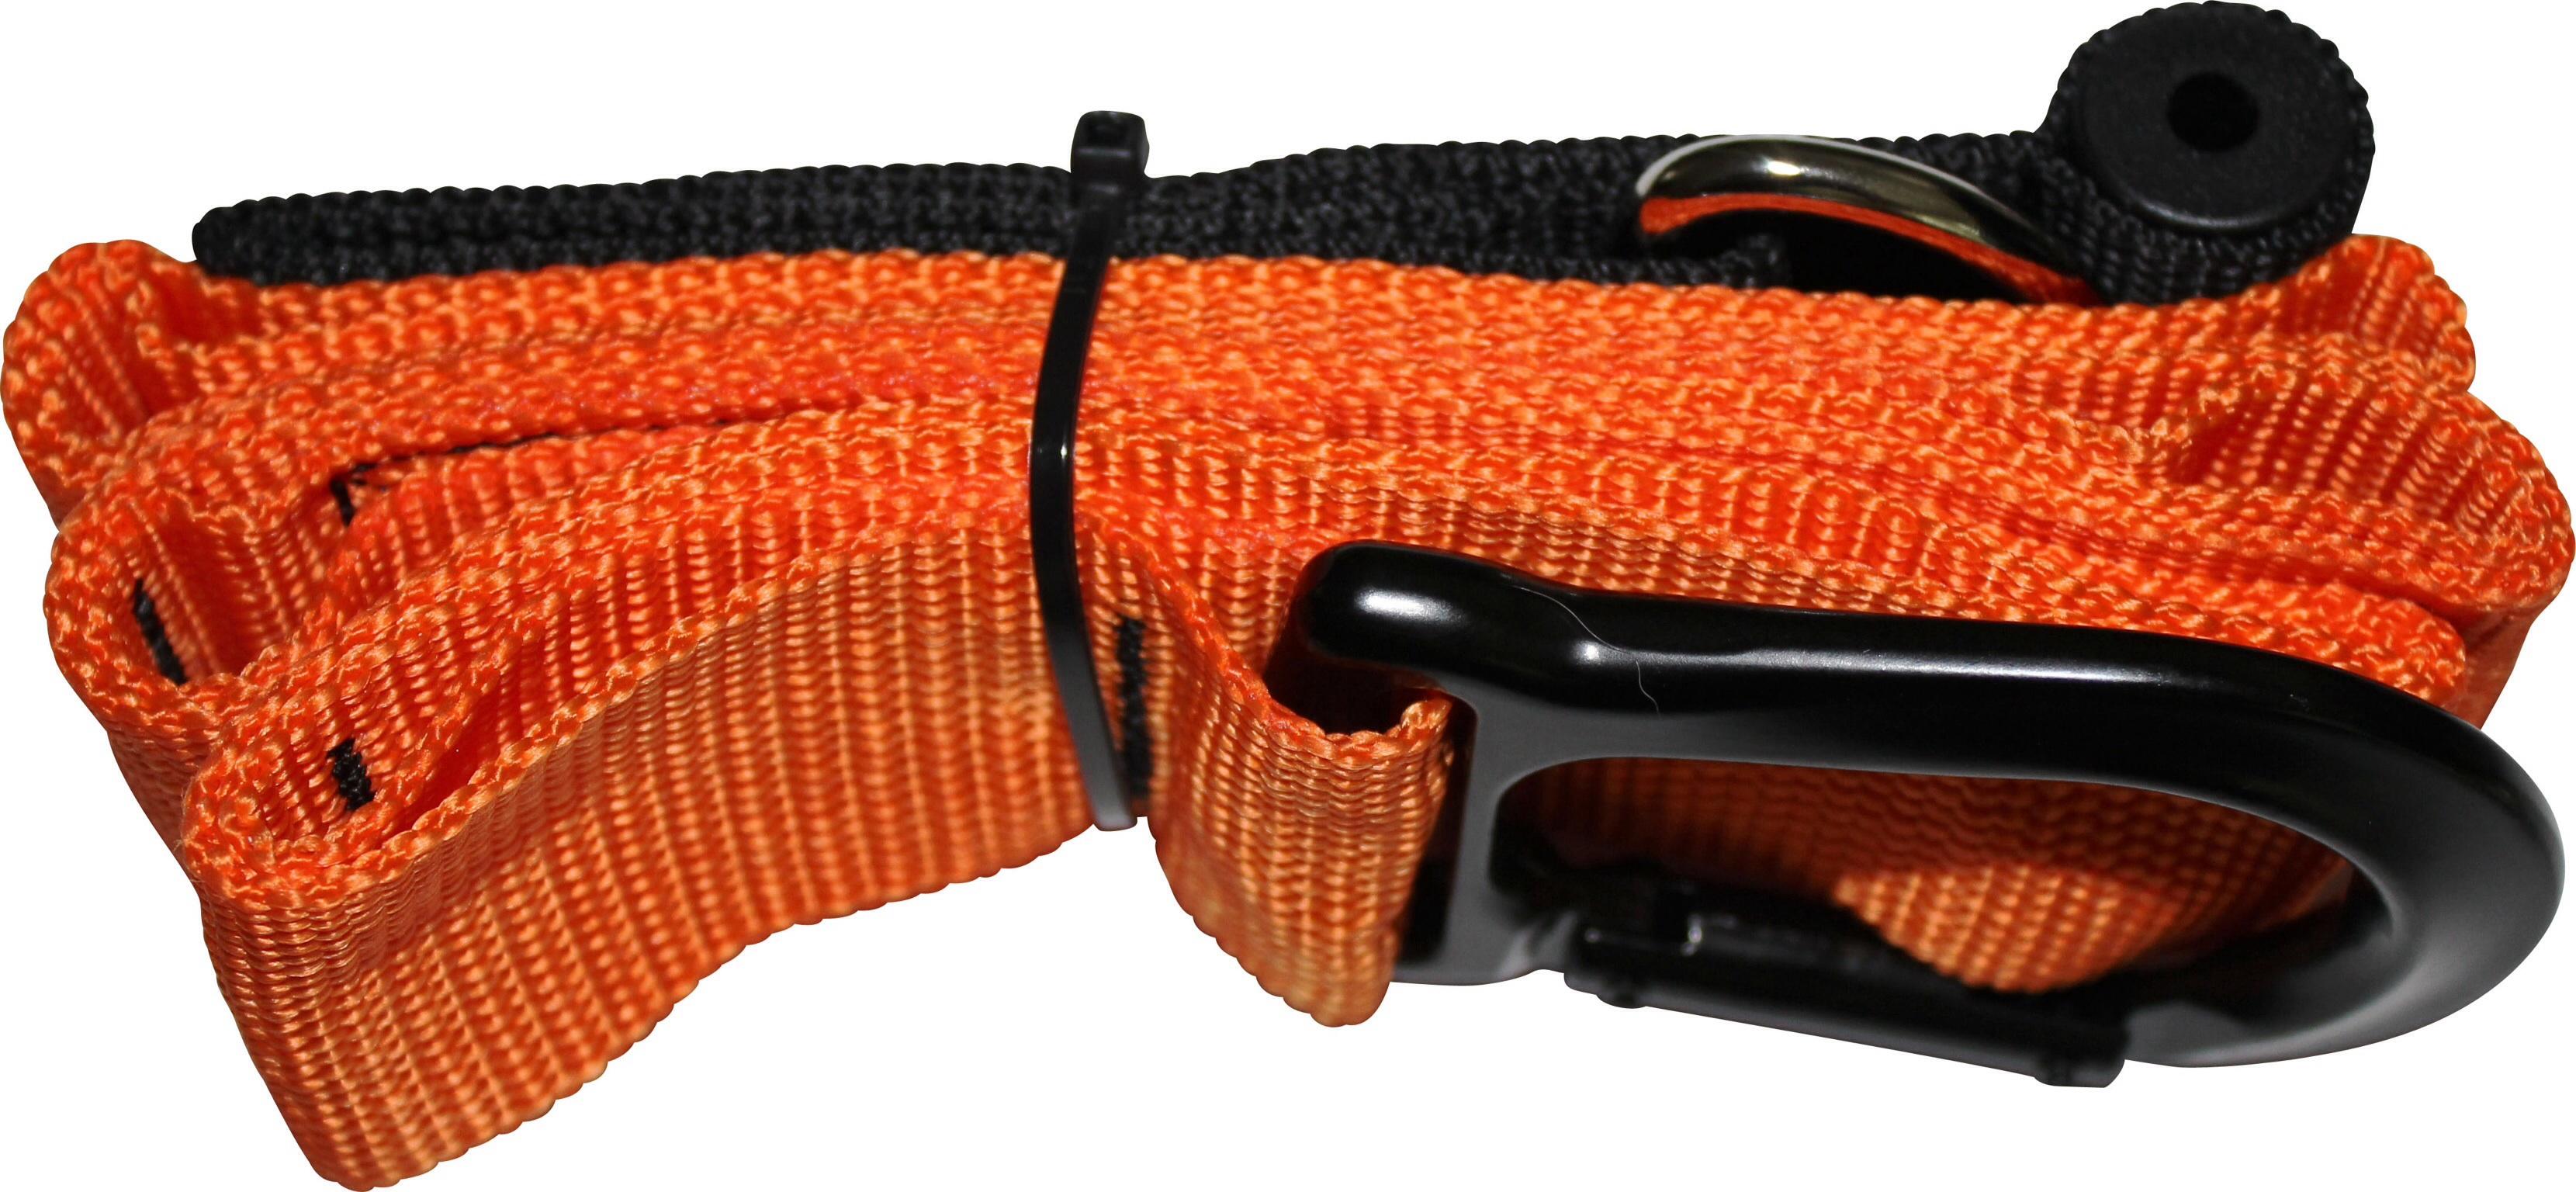 HANGTUFF suspension trainer - premium quality materials